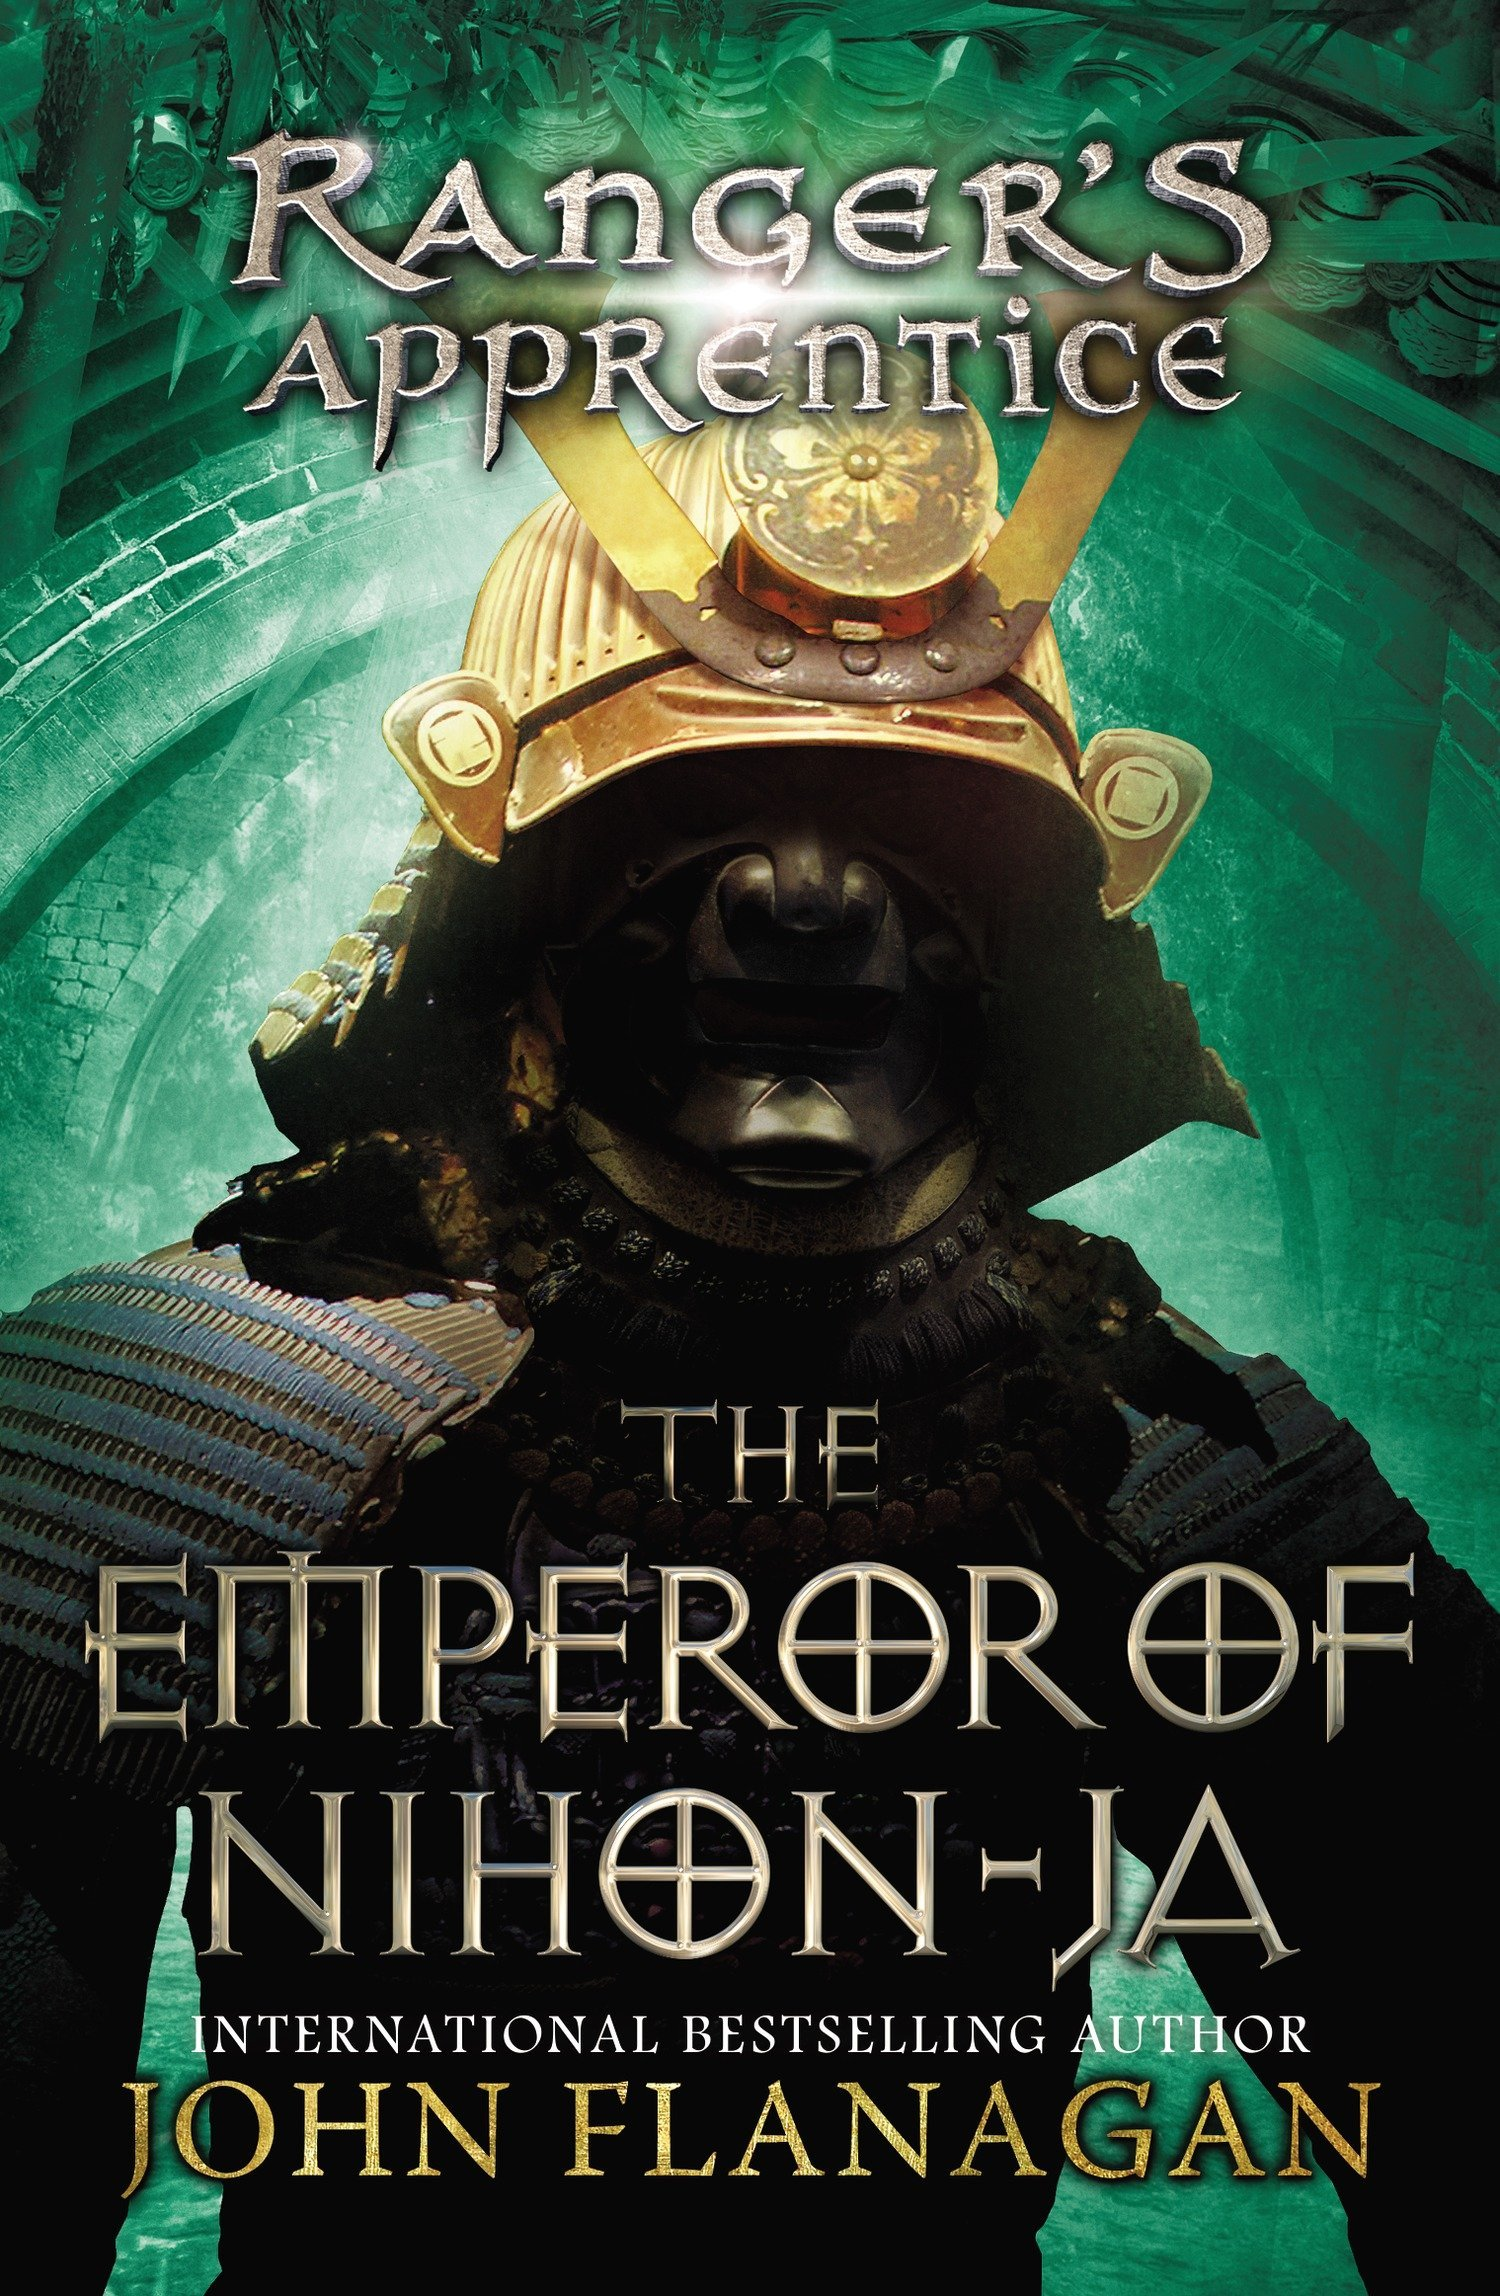 Ranger's Apprentice: The Emperor of Nihon-Ja - John Flanagan